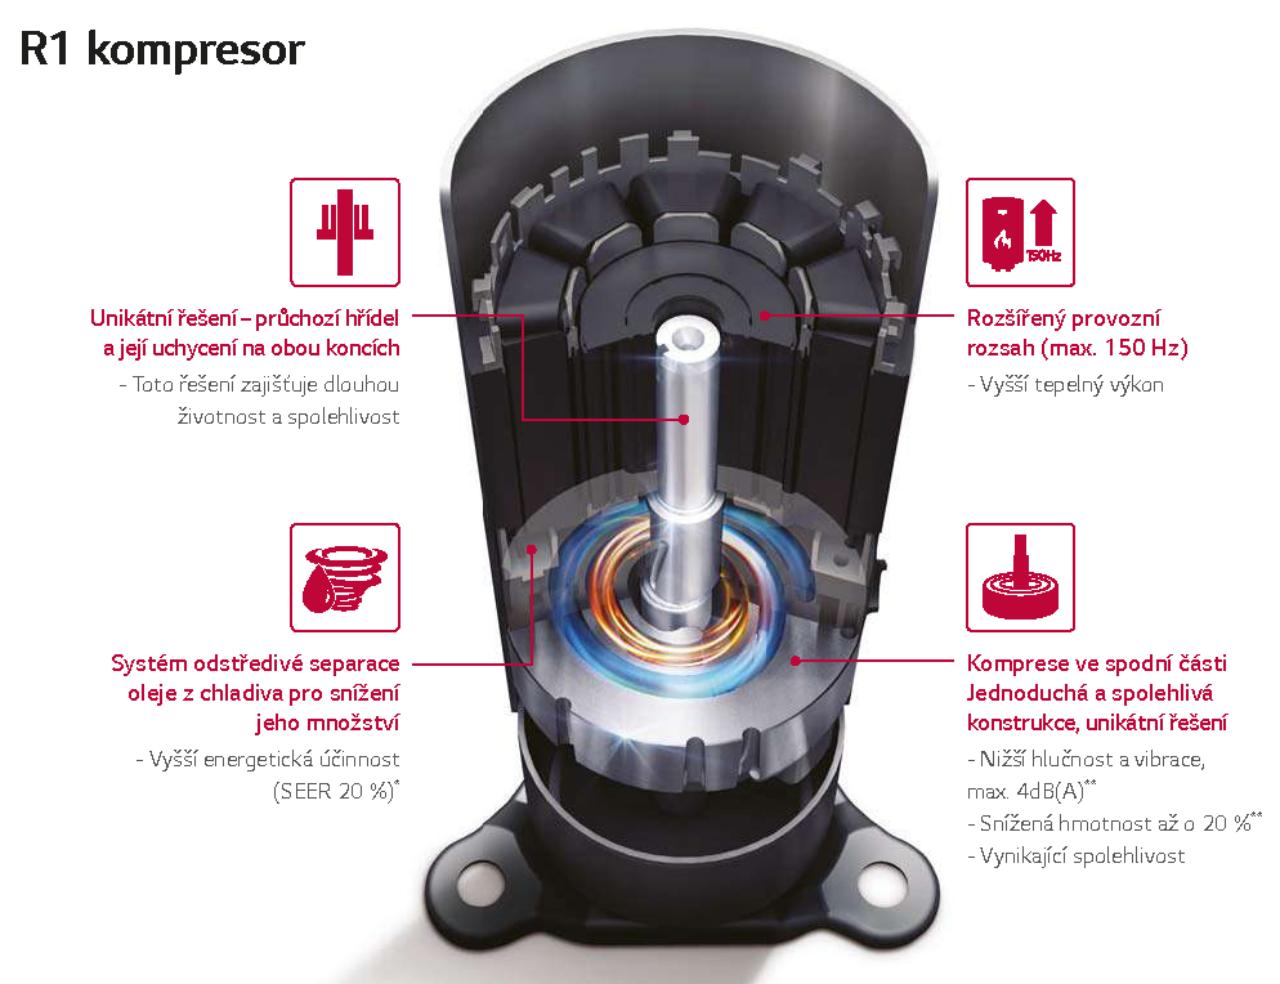 THERMA V kompresor